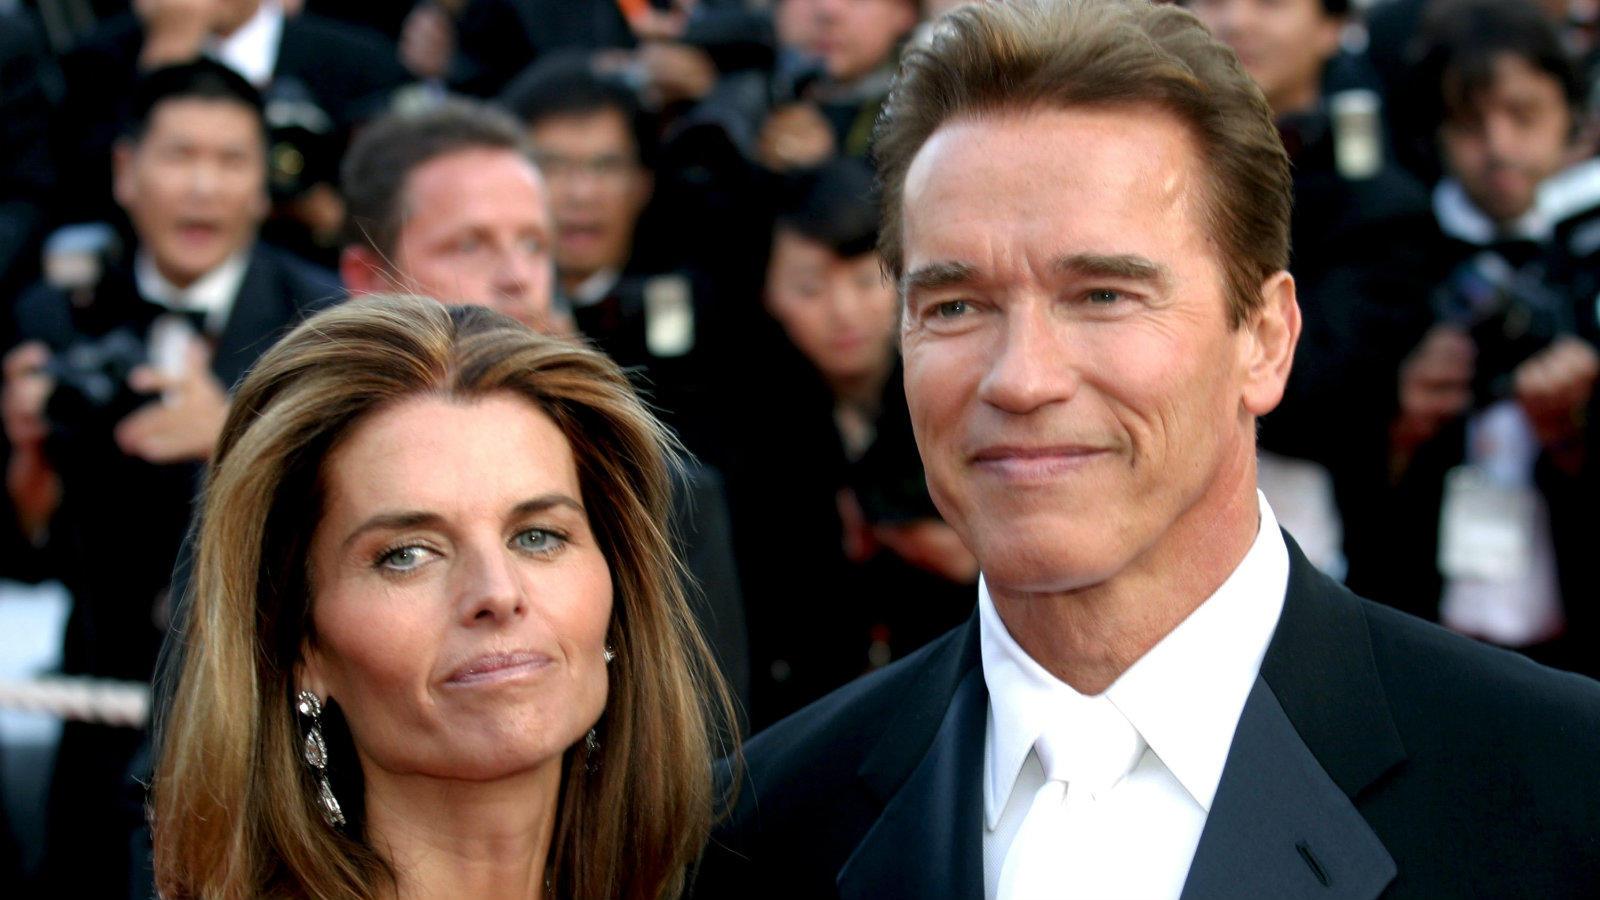 John Fiztgerald Kennedy unokahúga 1977-ben találkozott a nála 8 évvel idősebb Mr. Olympiával. A pár 1986-ban házasodott össze, s noha úgy tűnt, kapcsolatukat már semmi sem ingathatja meg, 25 év házasság után a jelenleg az amerikai NBC hírtéve műsorvezetőjeként dolgozó Shriver elvált a kaliforniai kormányzóságot is viselt Terminátortól. Később derült ki, az ok minden bizonnyal az lehetett, hogy Schwarzeneggernek született egy házasságon kívüli fia az egyik bejárónőjüktől. (UMDADC/Shutterstock)